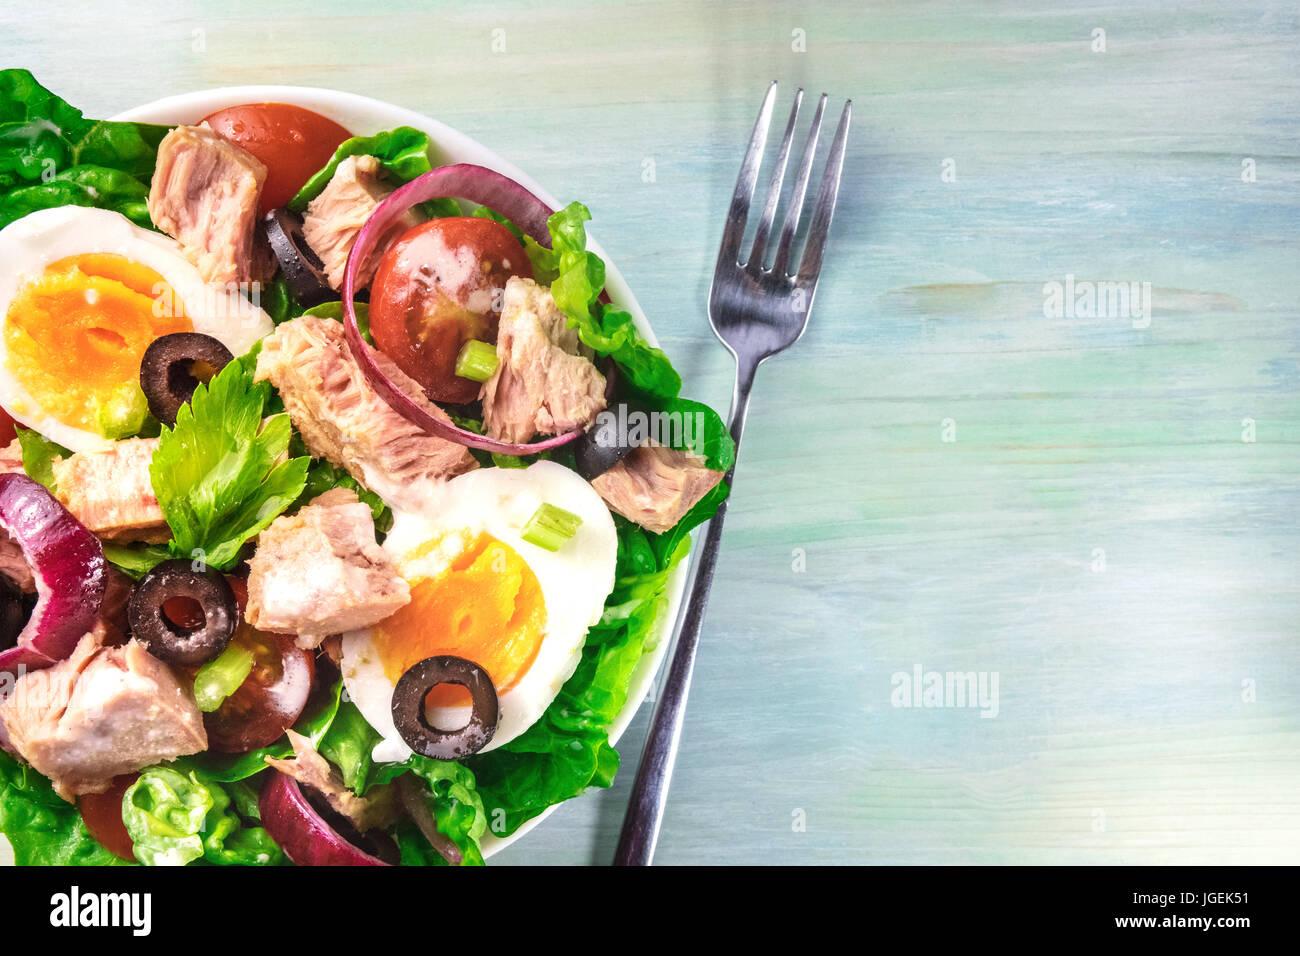 Primo piano di insalata di tonno con forcella e spazio di copia Immagini Stock